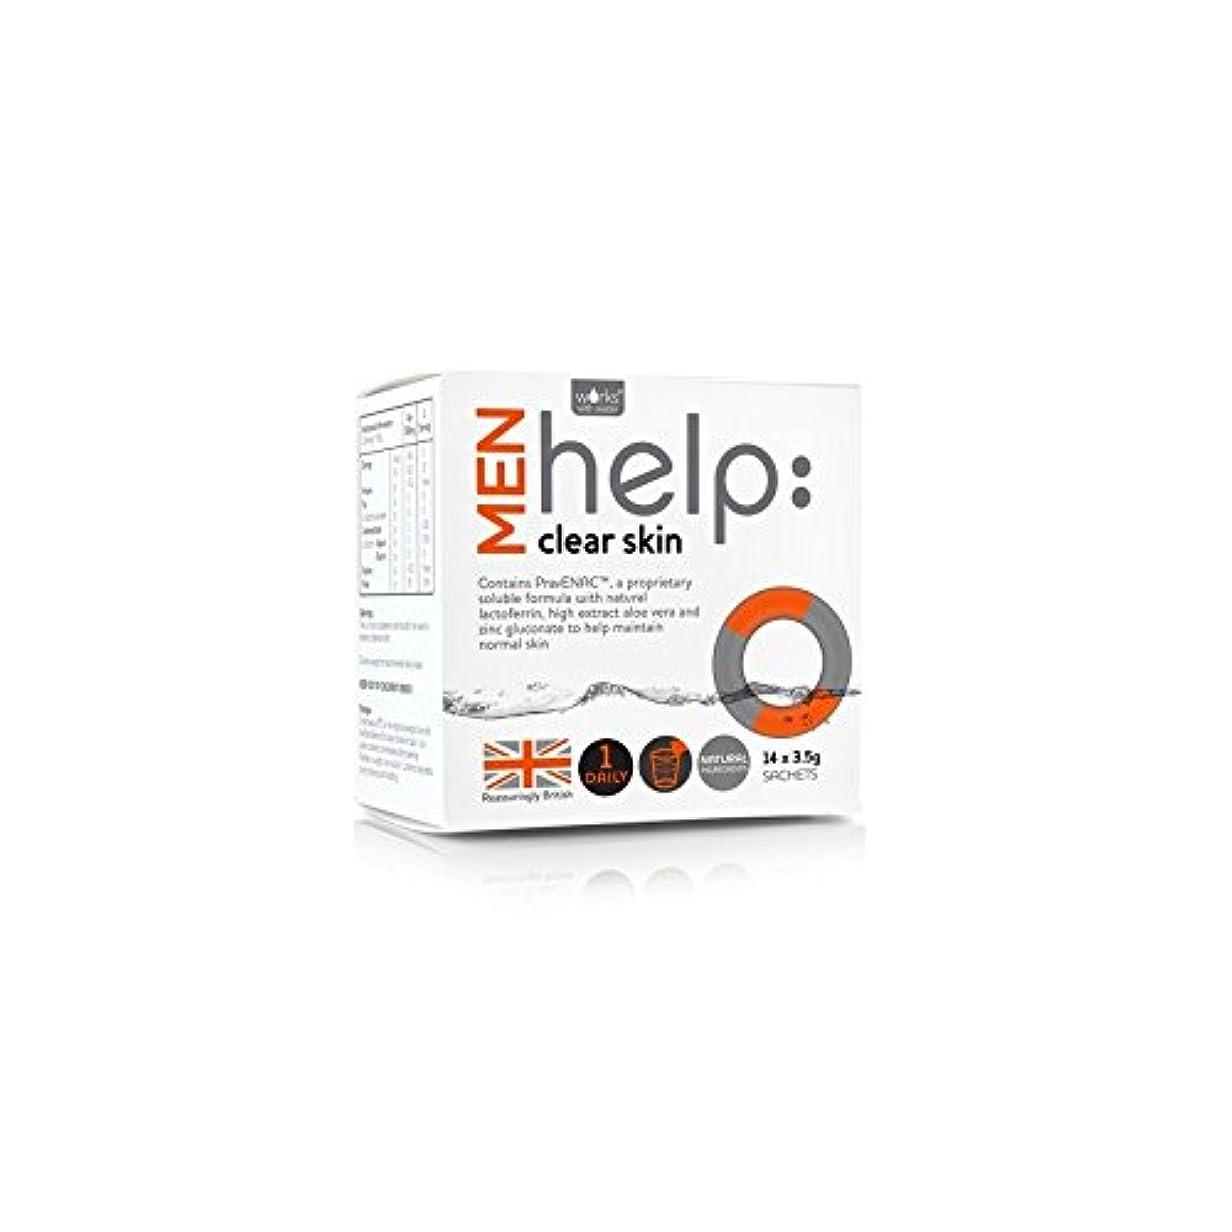 ロボット恥ずかしさシーボードクリアな肌可溶性サプリメント(14 3.5グラム):水男性の助けを借りて動作します x2 - Works With Water Men's Help: Clear Skin Soluble Supplement (14...